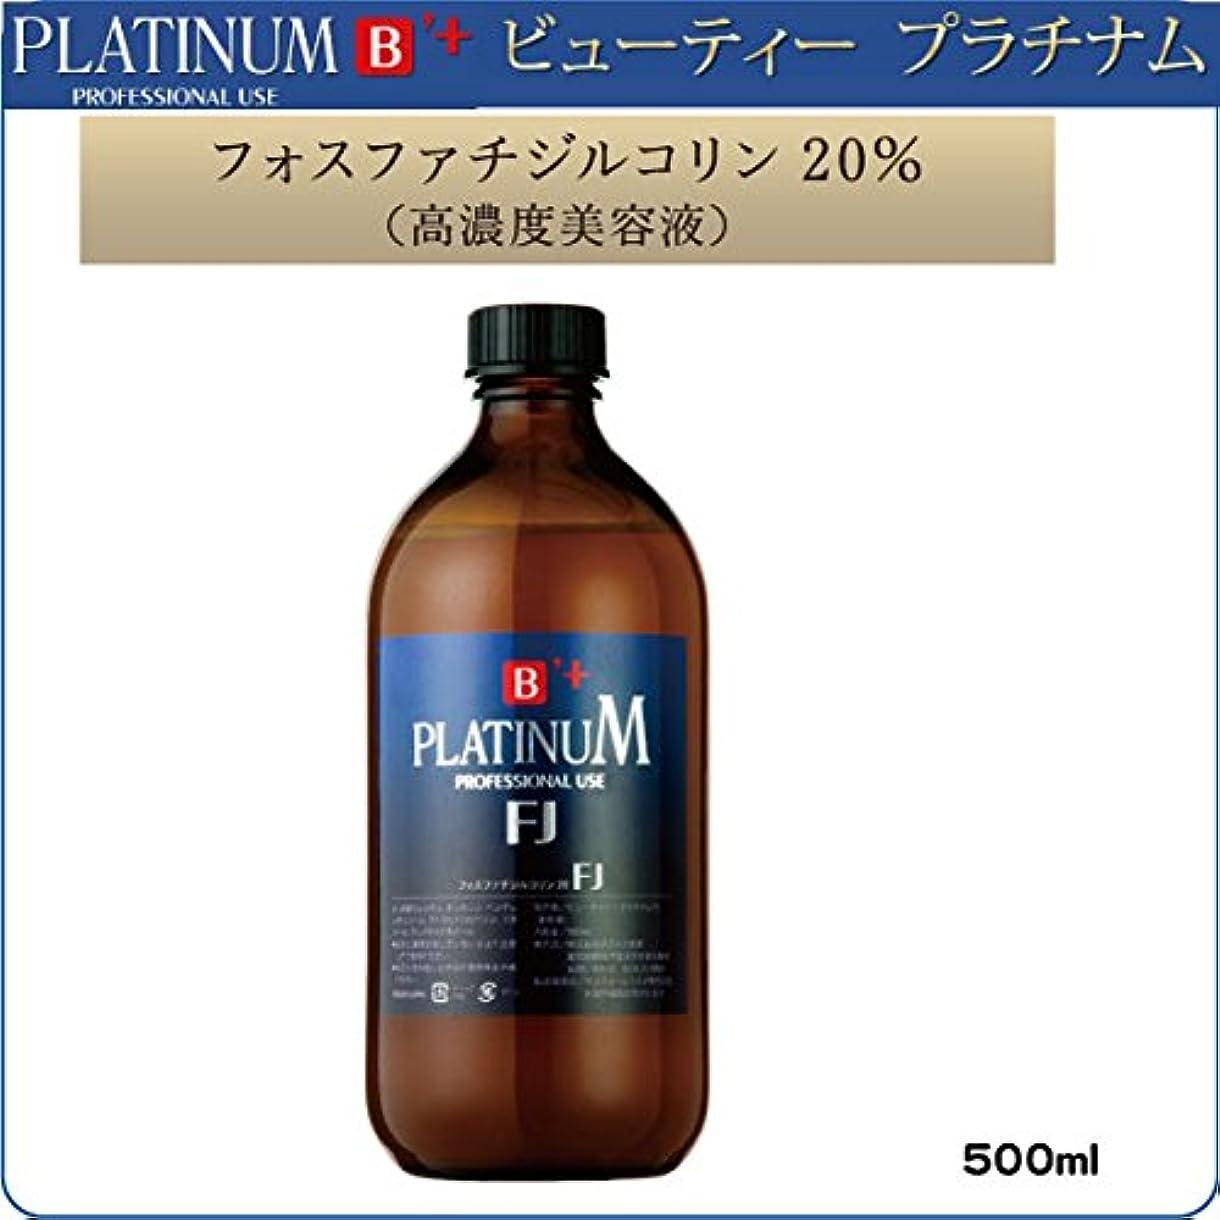 代わりにを立てる爆発する展開する【ビューティー プラチナム】 PLATINUM B'+  フォスファチジルコリン20%高濃度美容液  痩身専用:500ml